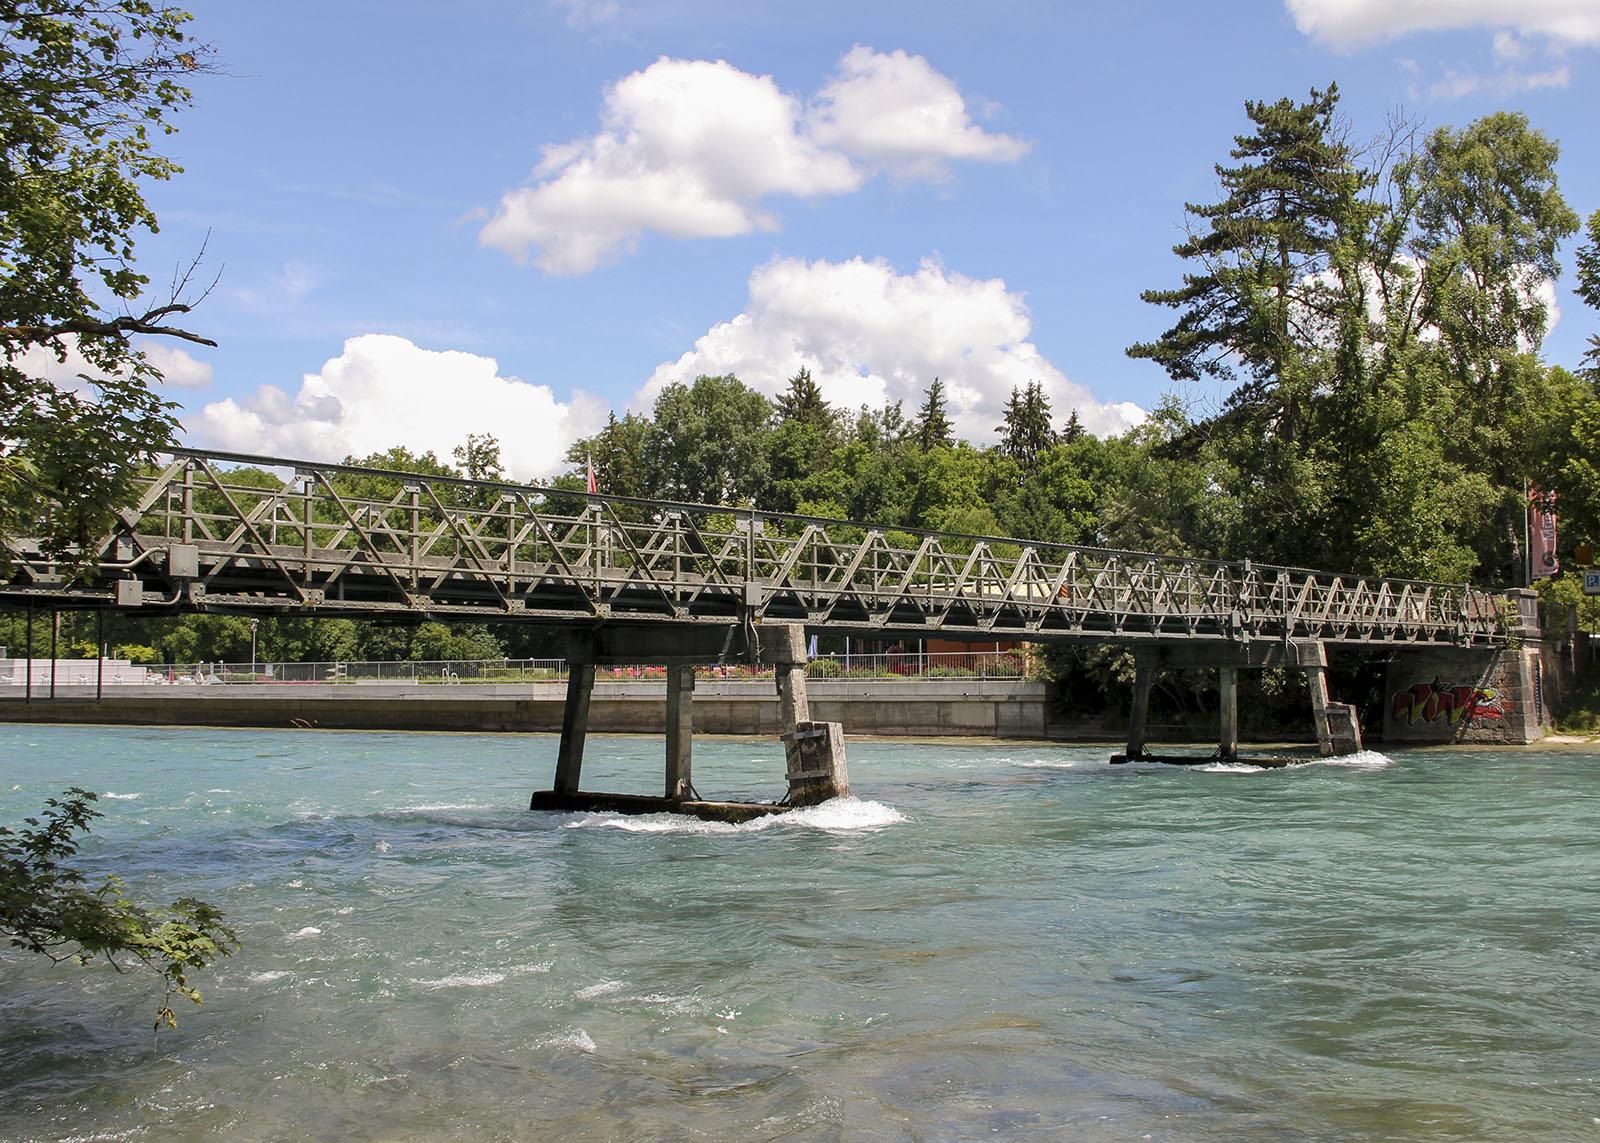 An der Schützenbrücke bei Münsingen ist etwa die Hälfte der Strecke zurückgelegt. Bis Bern sind es noch 13 Kilometer